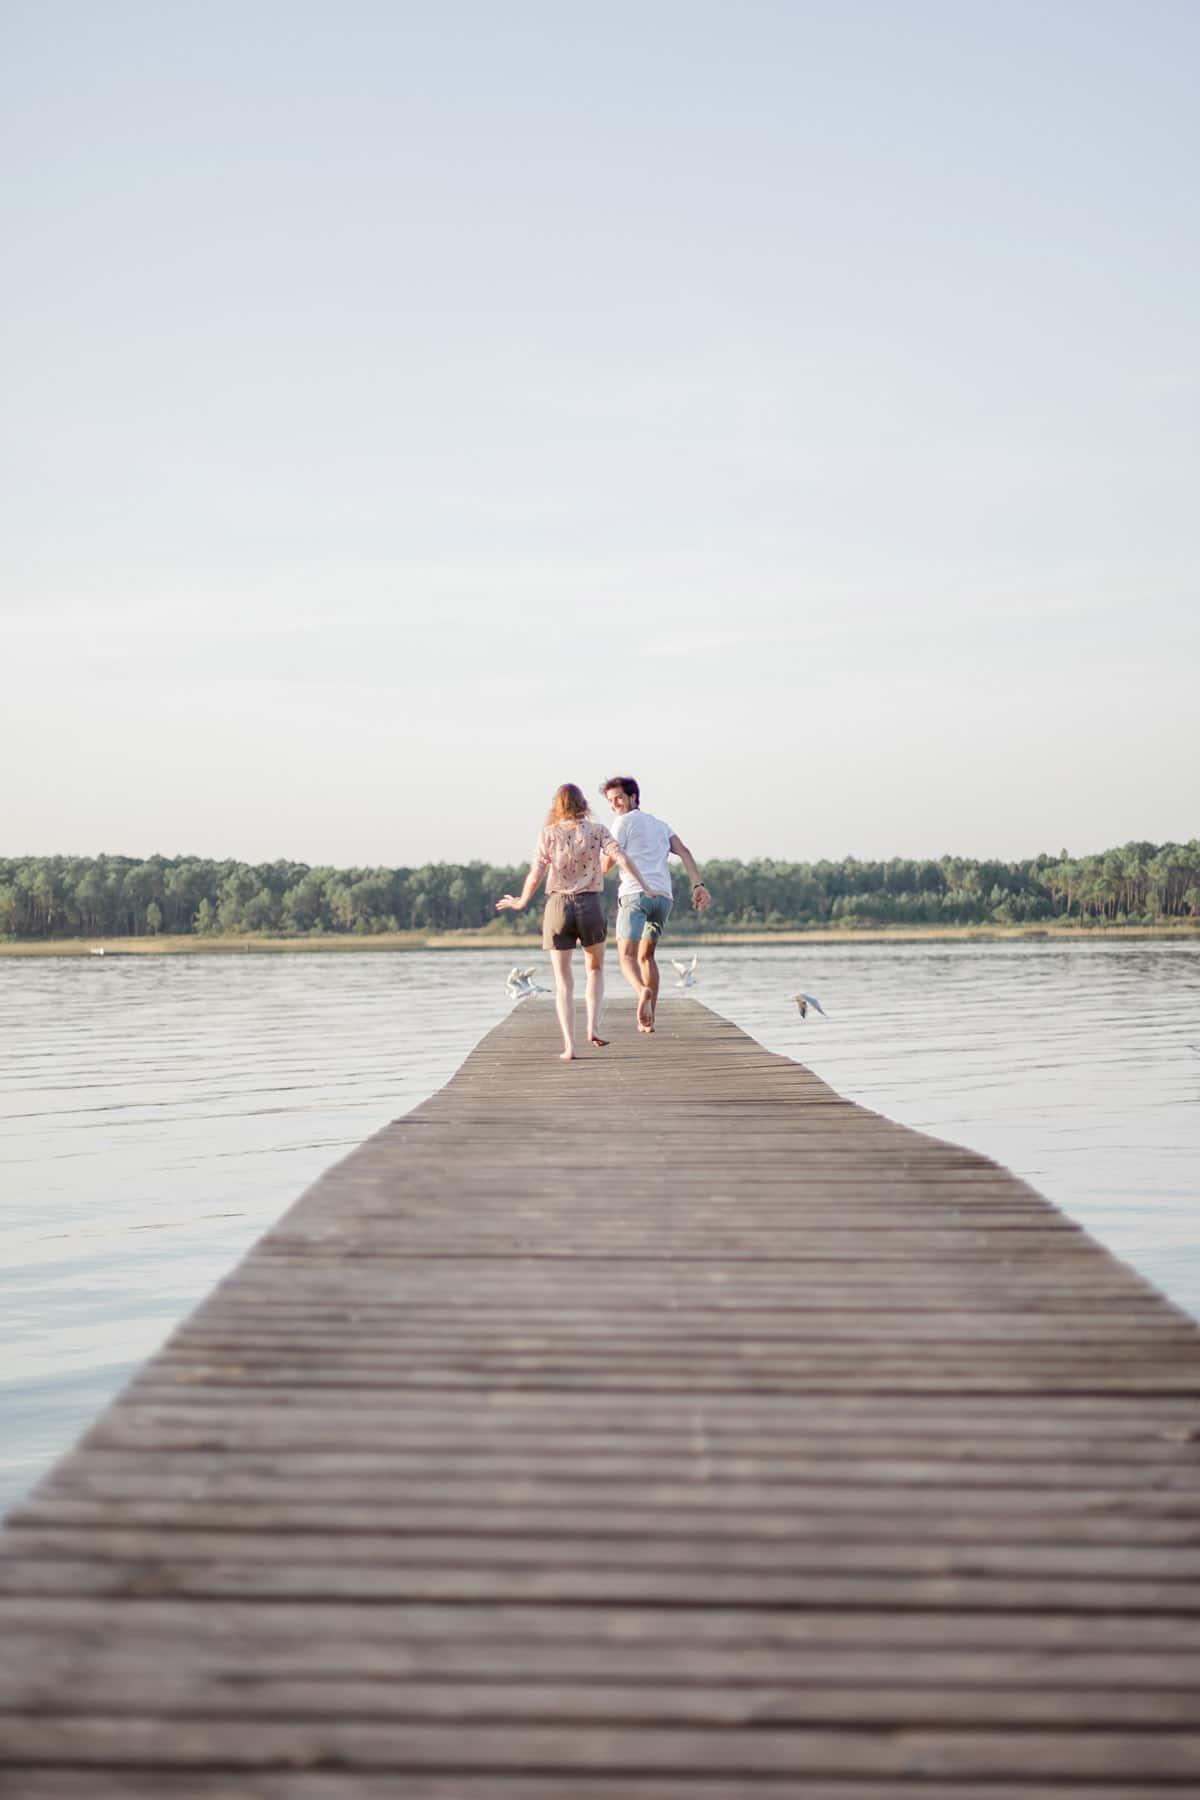 photographe couple mariage engagement love session bordeaux landes lac lifestyle fine art francais sarah miramon tiffany julien 11